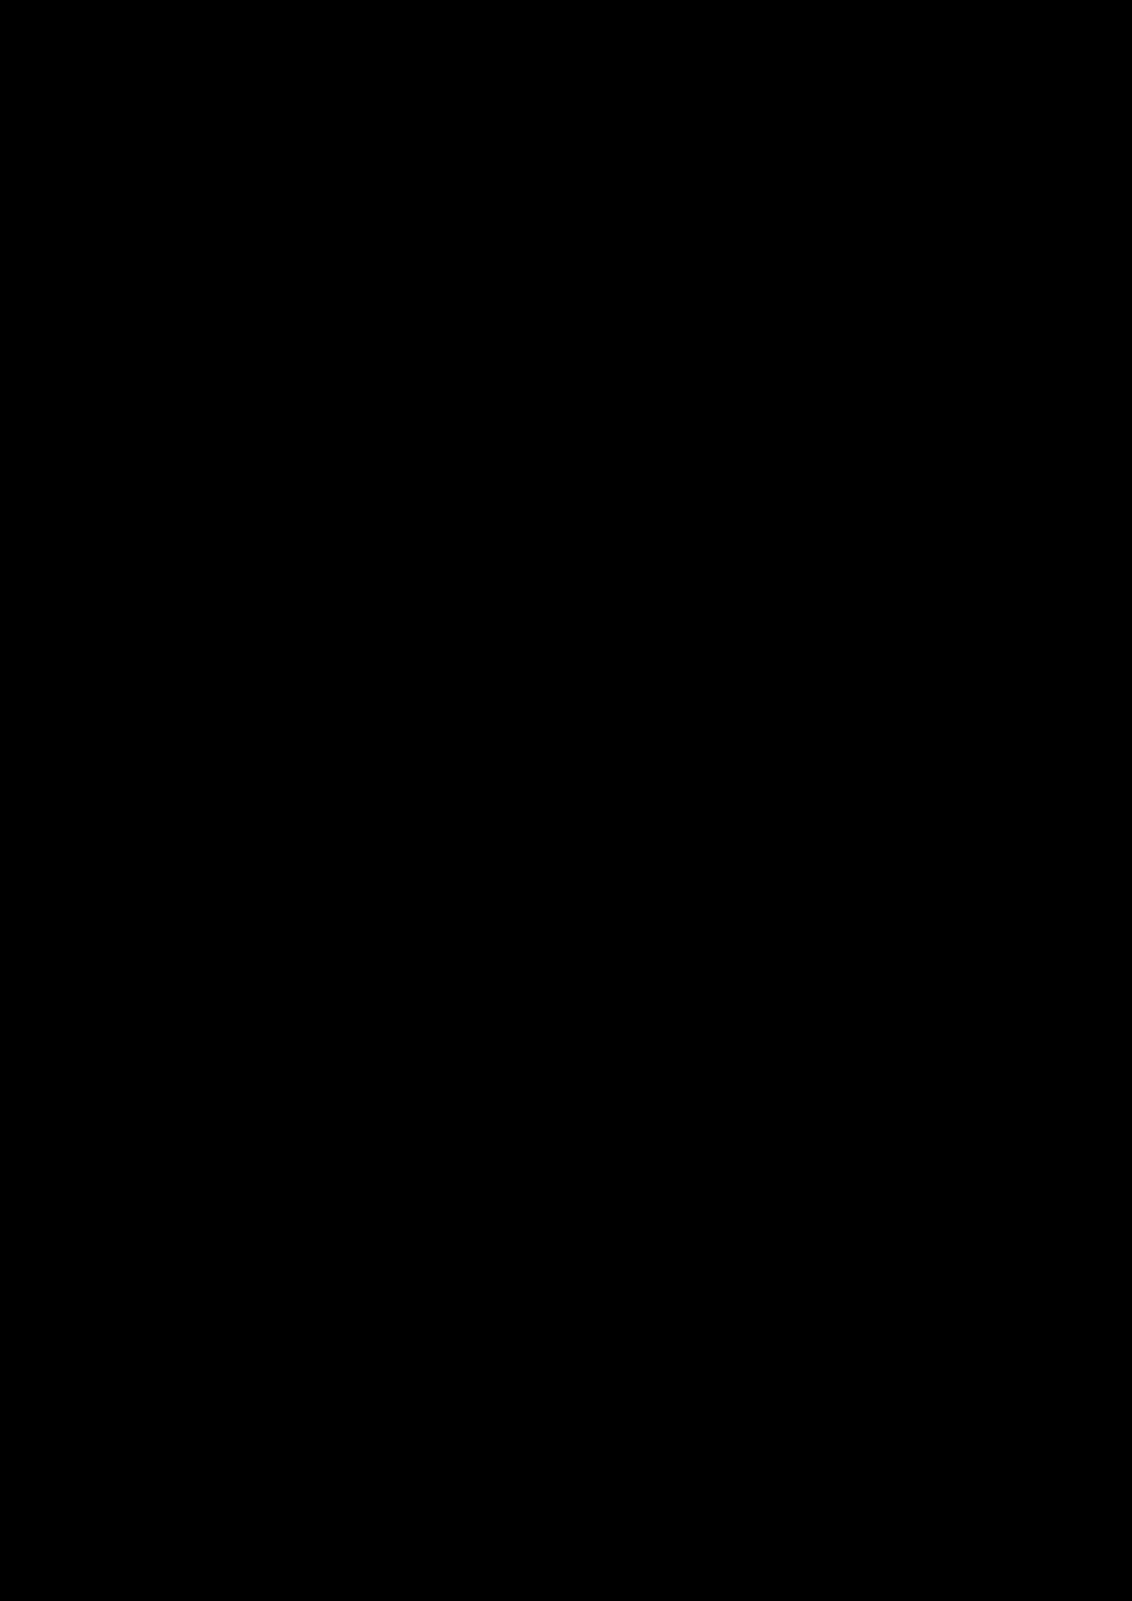 Serdtse slide, Image 80